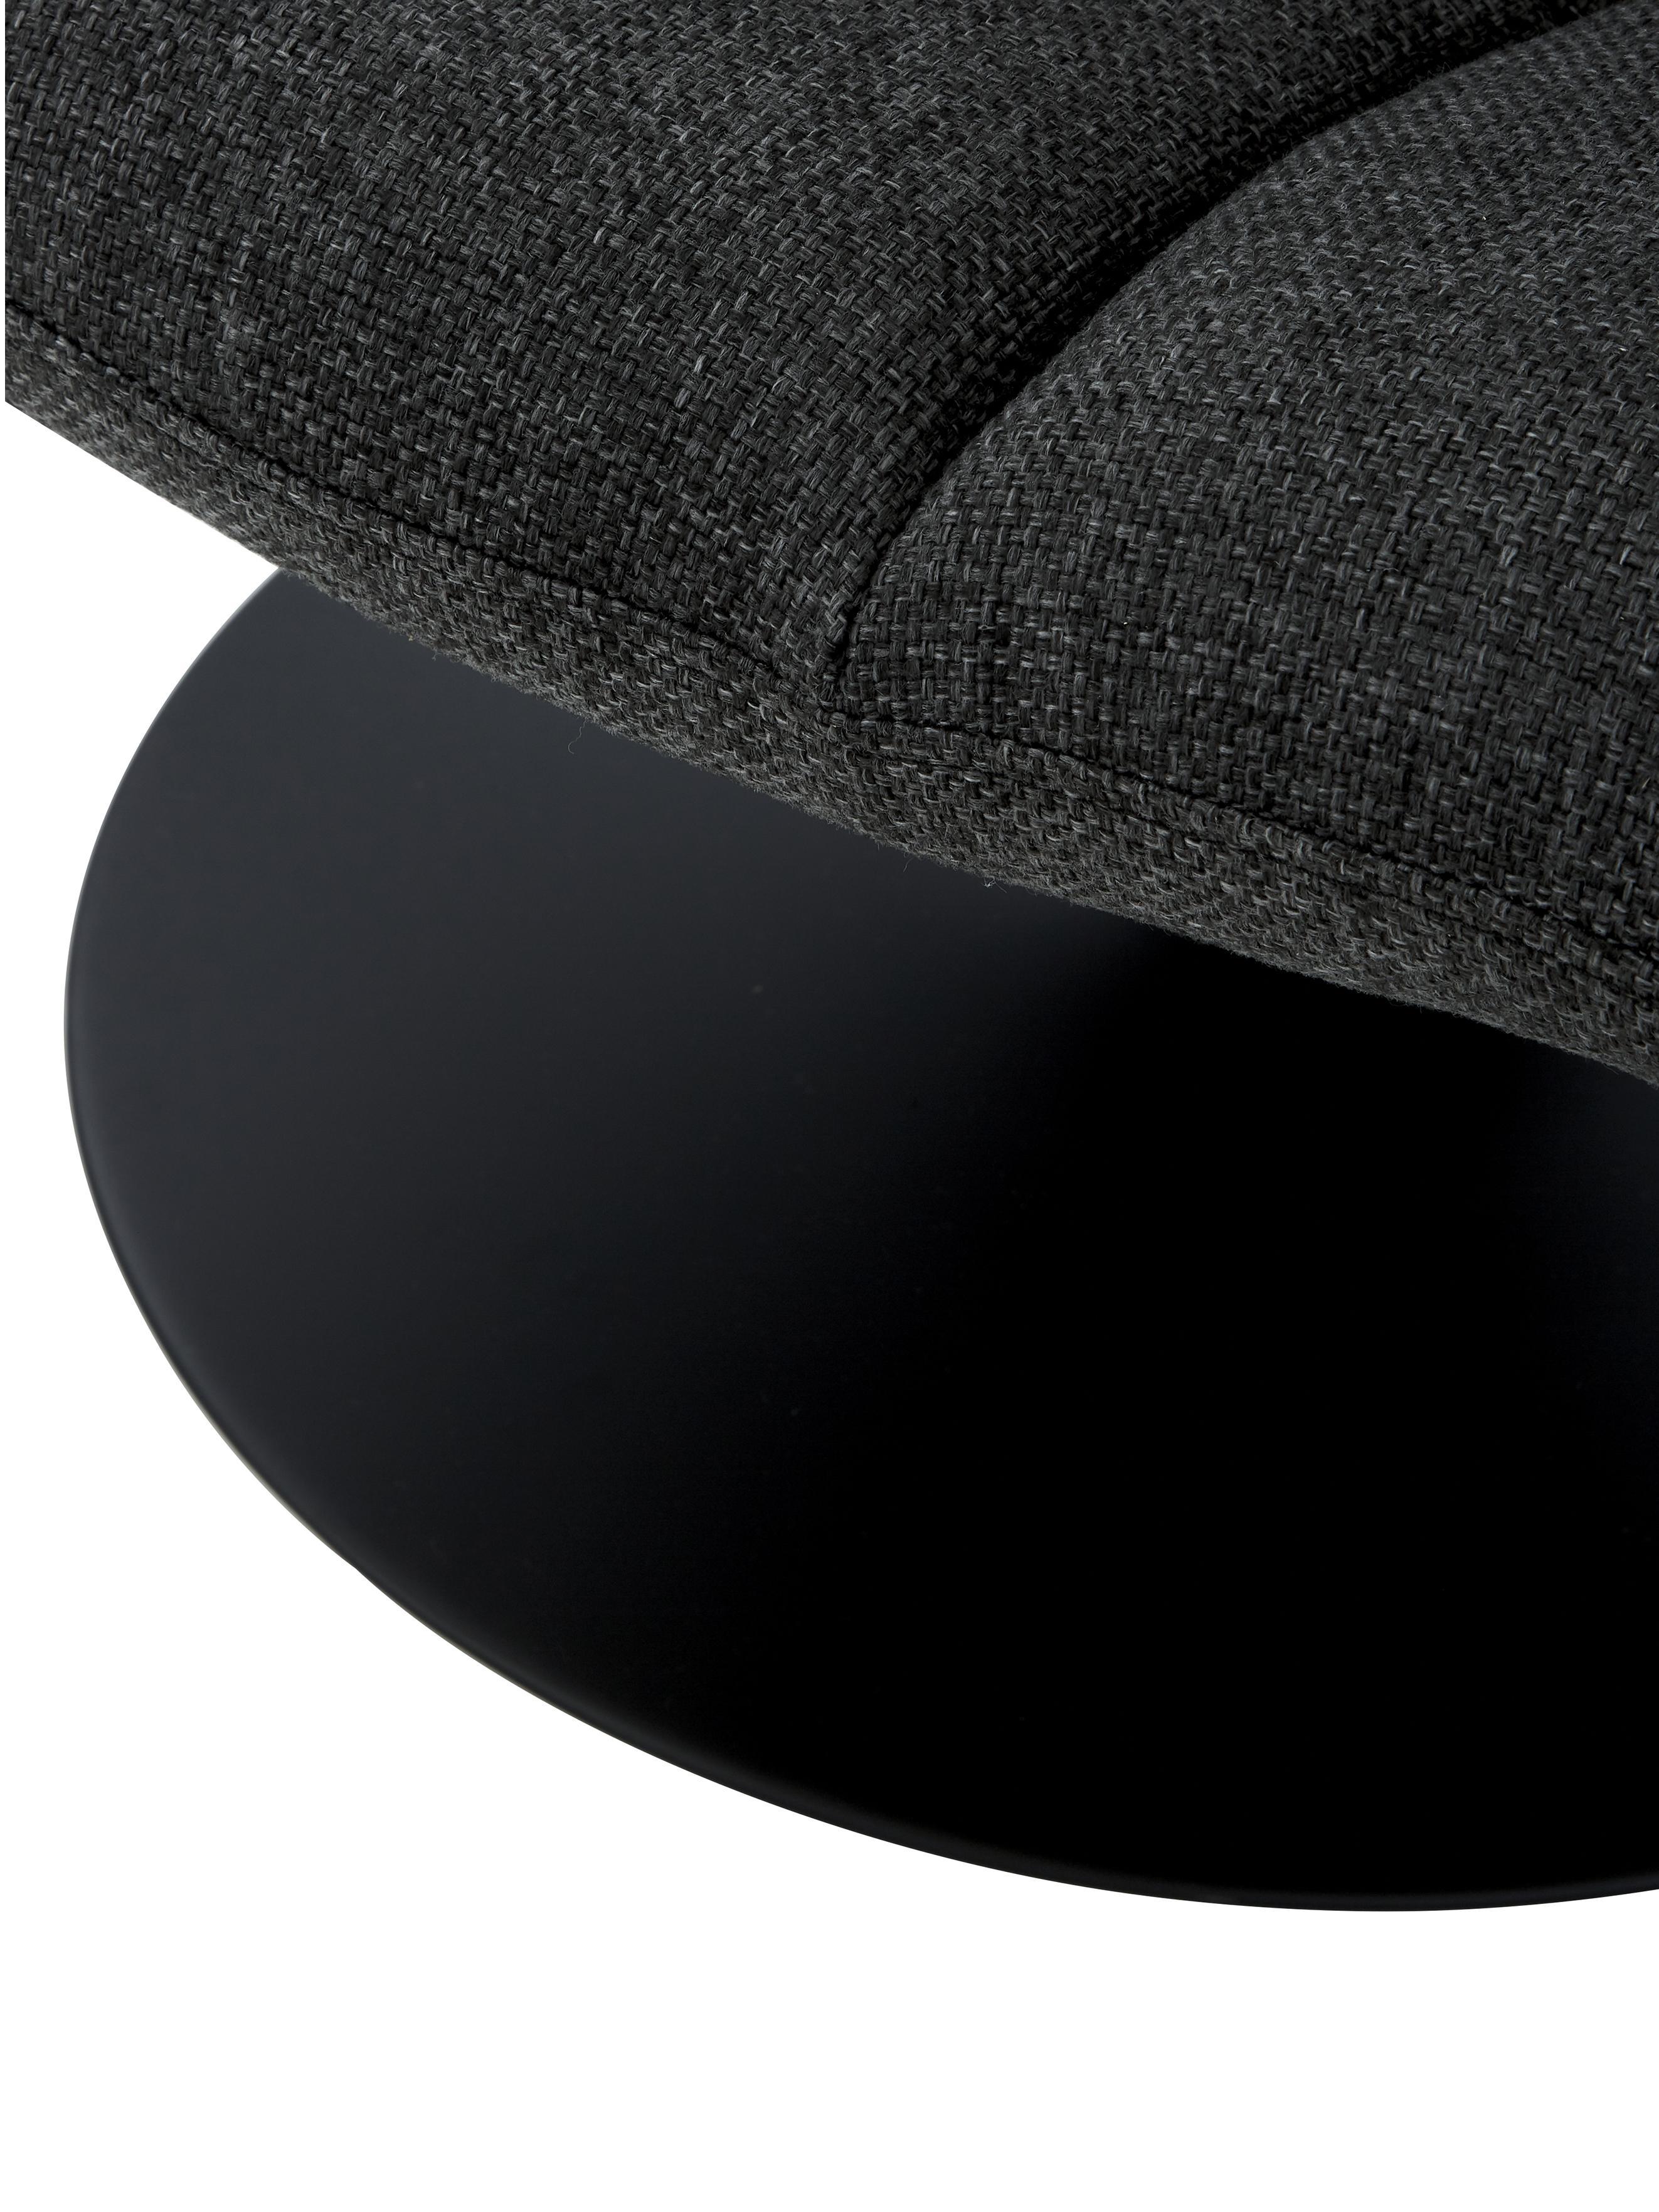 Fotel obrotowy Bar, Tapicerka: poliester 25000 cykli w , Stelaż: metal malowany proszkowo, Korpus: drewno warstwowe, Ciemnyszary, S 66 x G 78 cm